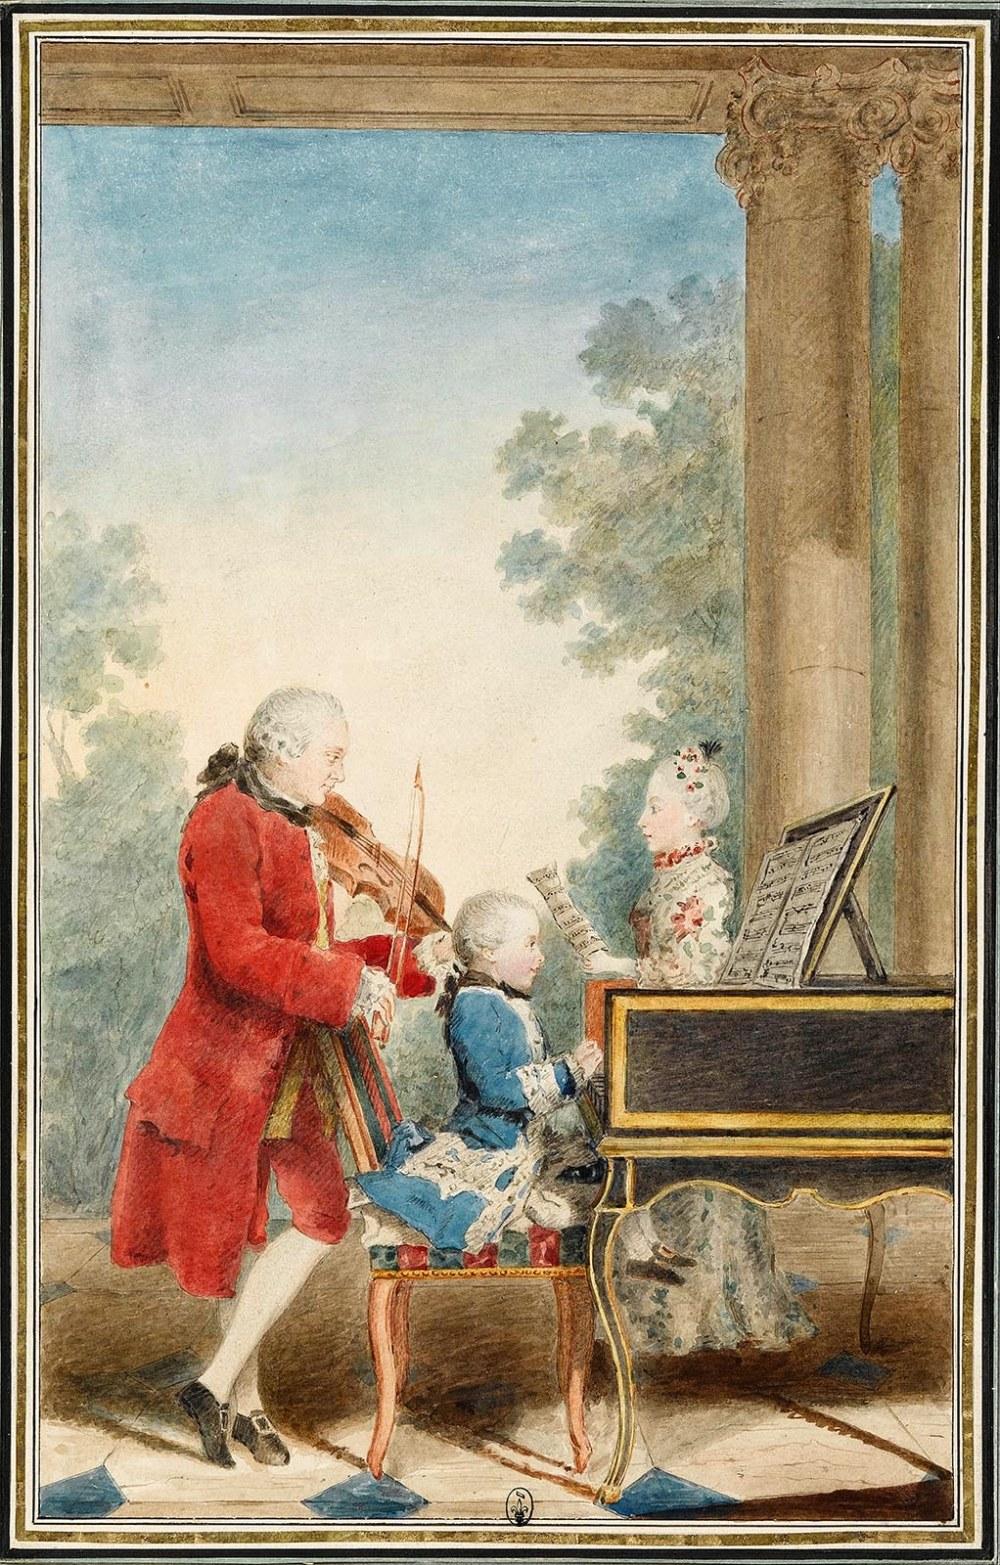 Louis Carrogis Carmontelle. Retrato de Mozart jugando en París con su padre Jean-Georg-Léopold y su hermana Maria-Anna. 1763. Museo Condé. Castillo de Chantilly. Oise.